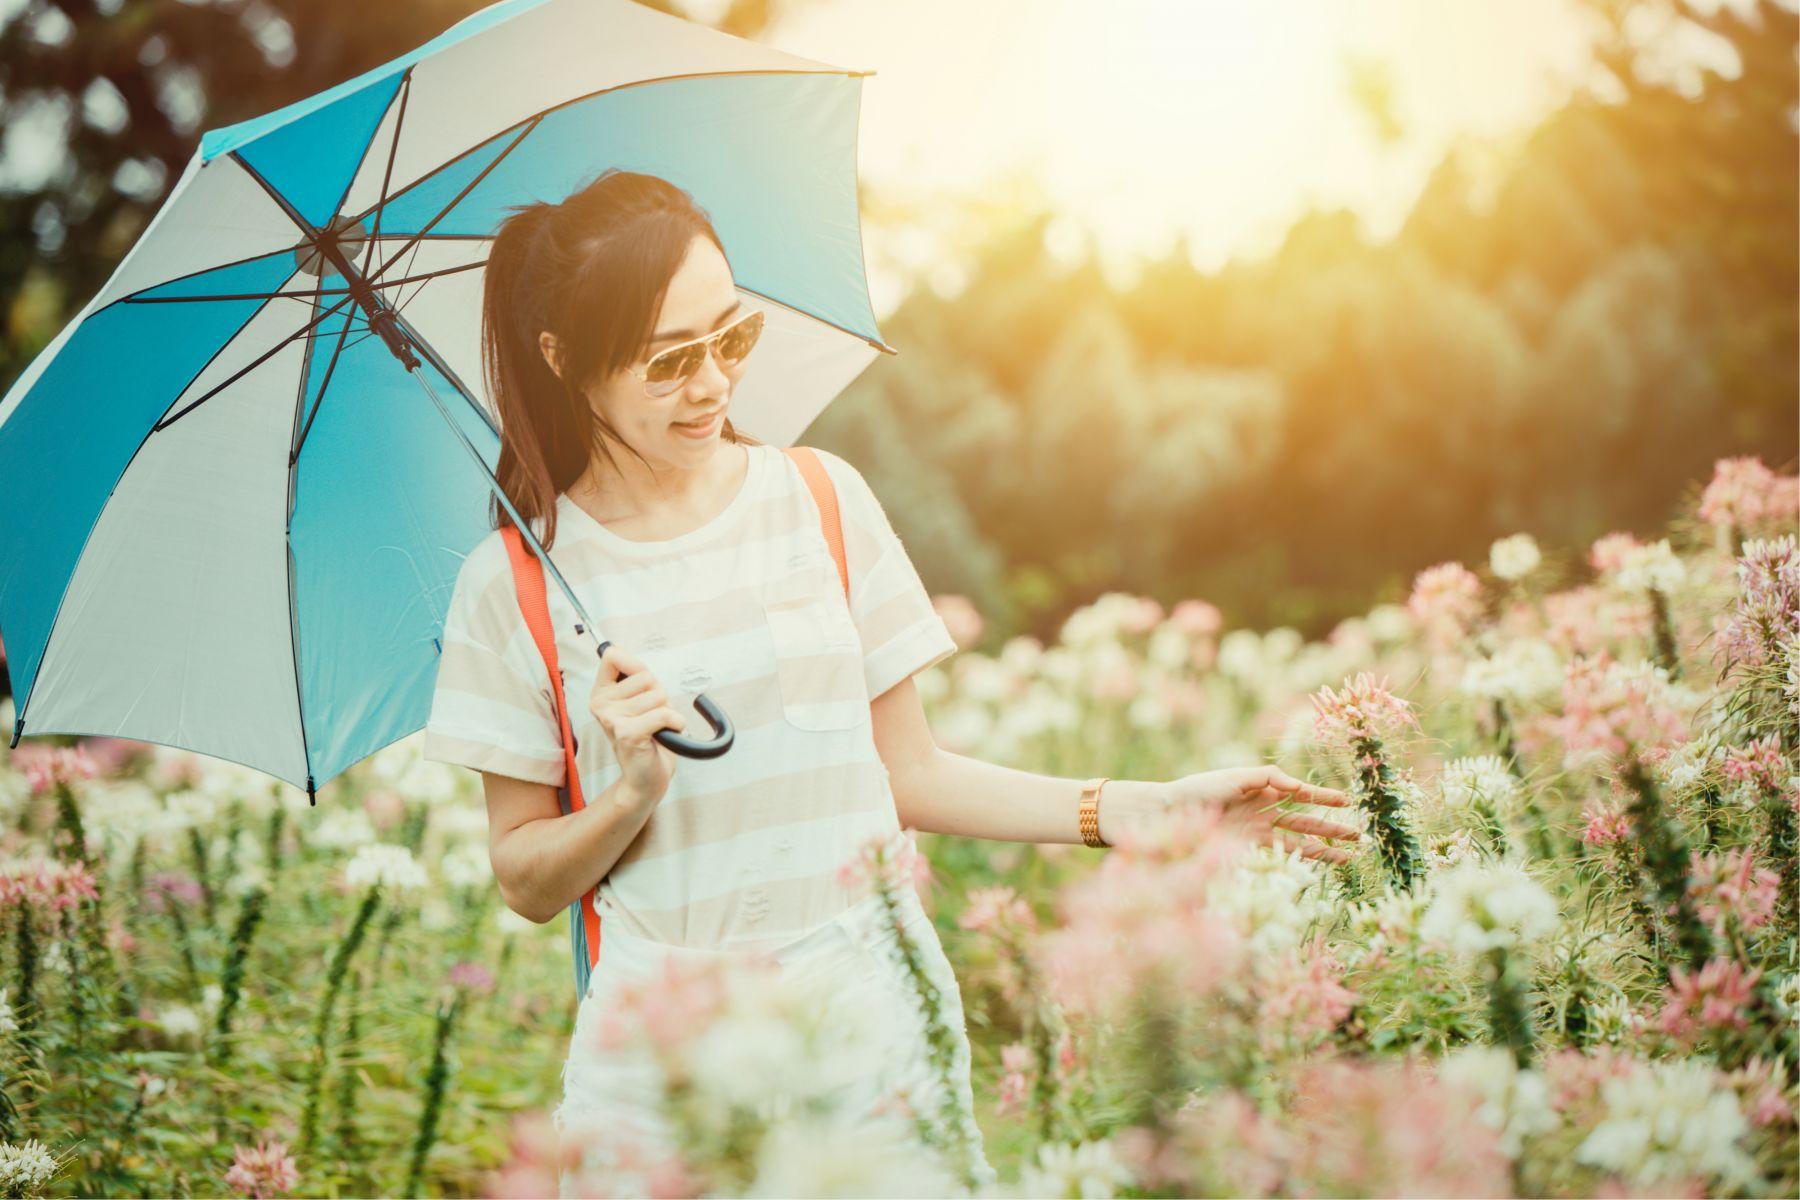 燥熱、盜汗、熱潮紅…更年期症狀好多?中醫教妳這樣改善不適